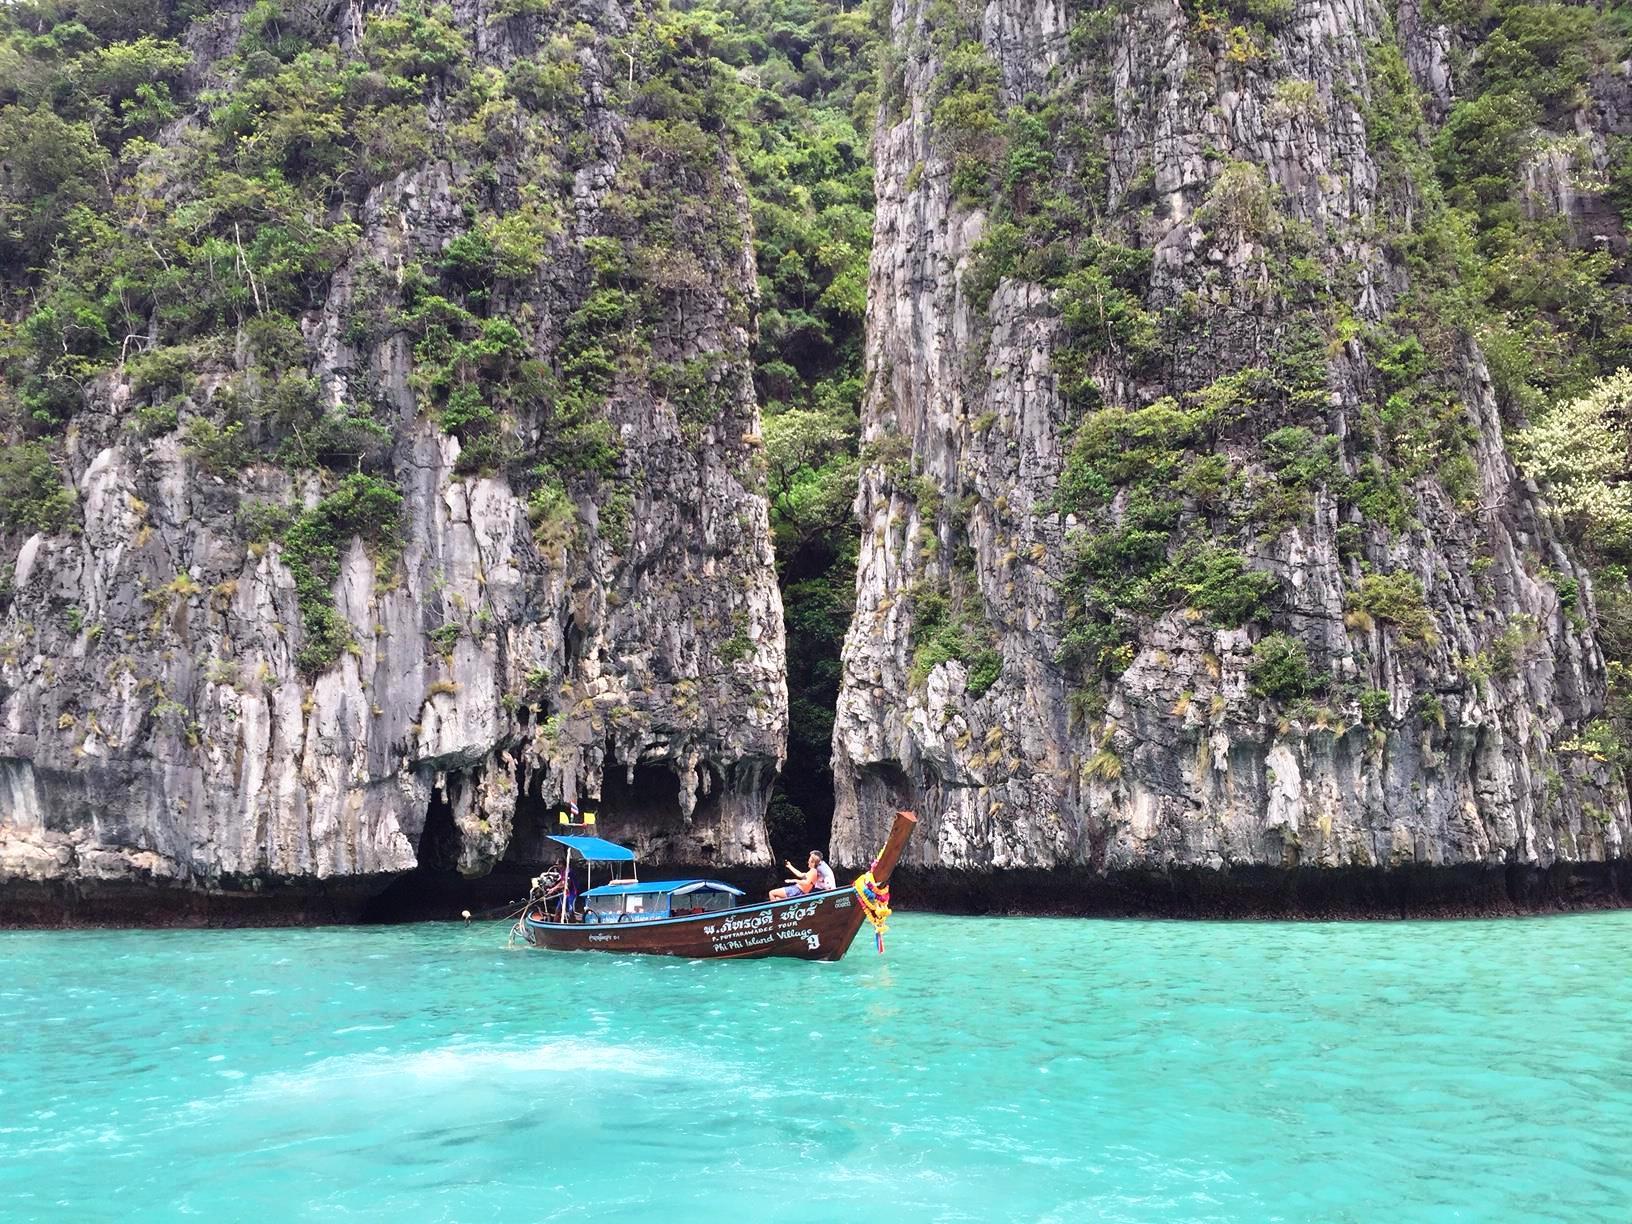 雨でも楽しめた!タイの秘境クラビ!